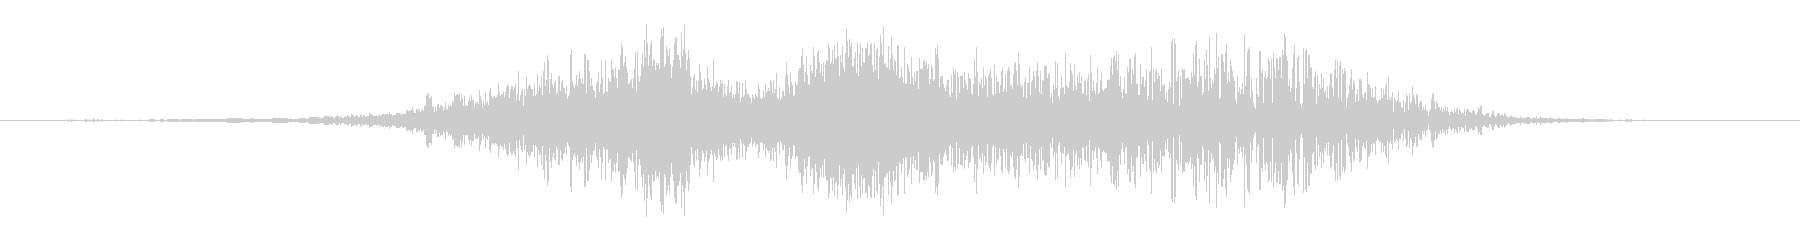 ウーシュによってワーブリーコスミック1の未再生の波形